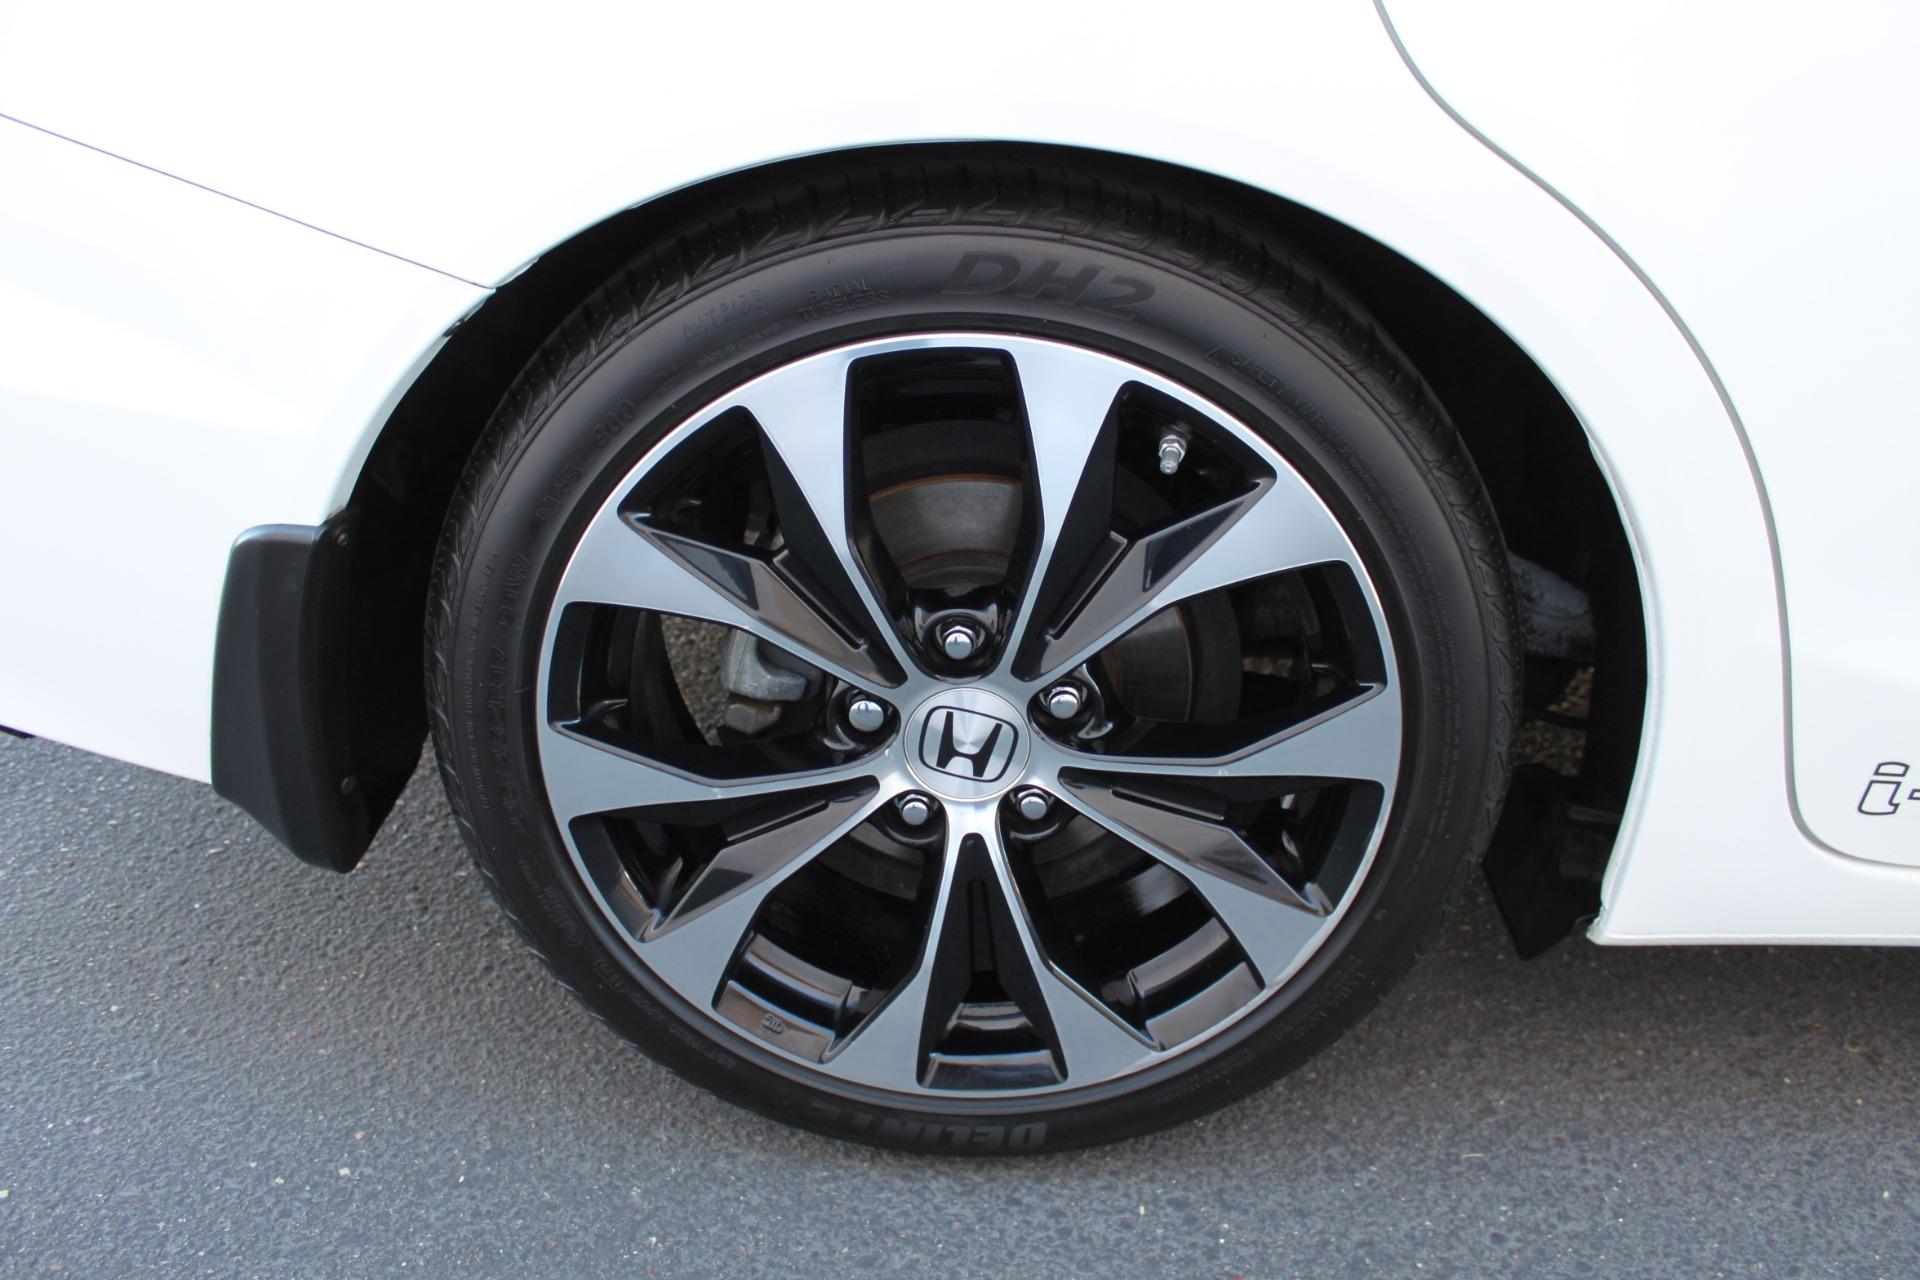 Used-2013-Honda-Civic-Sedan-Si-Lamborghini